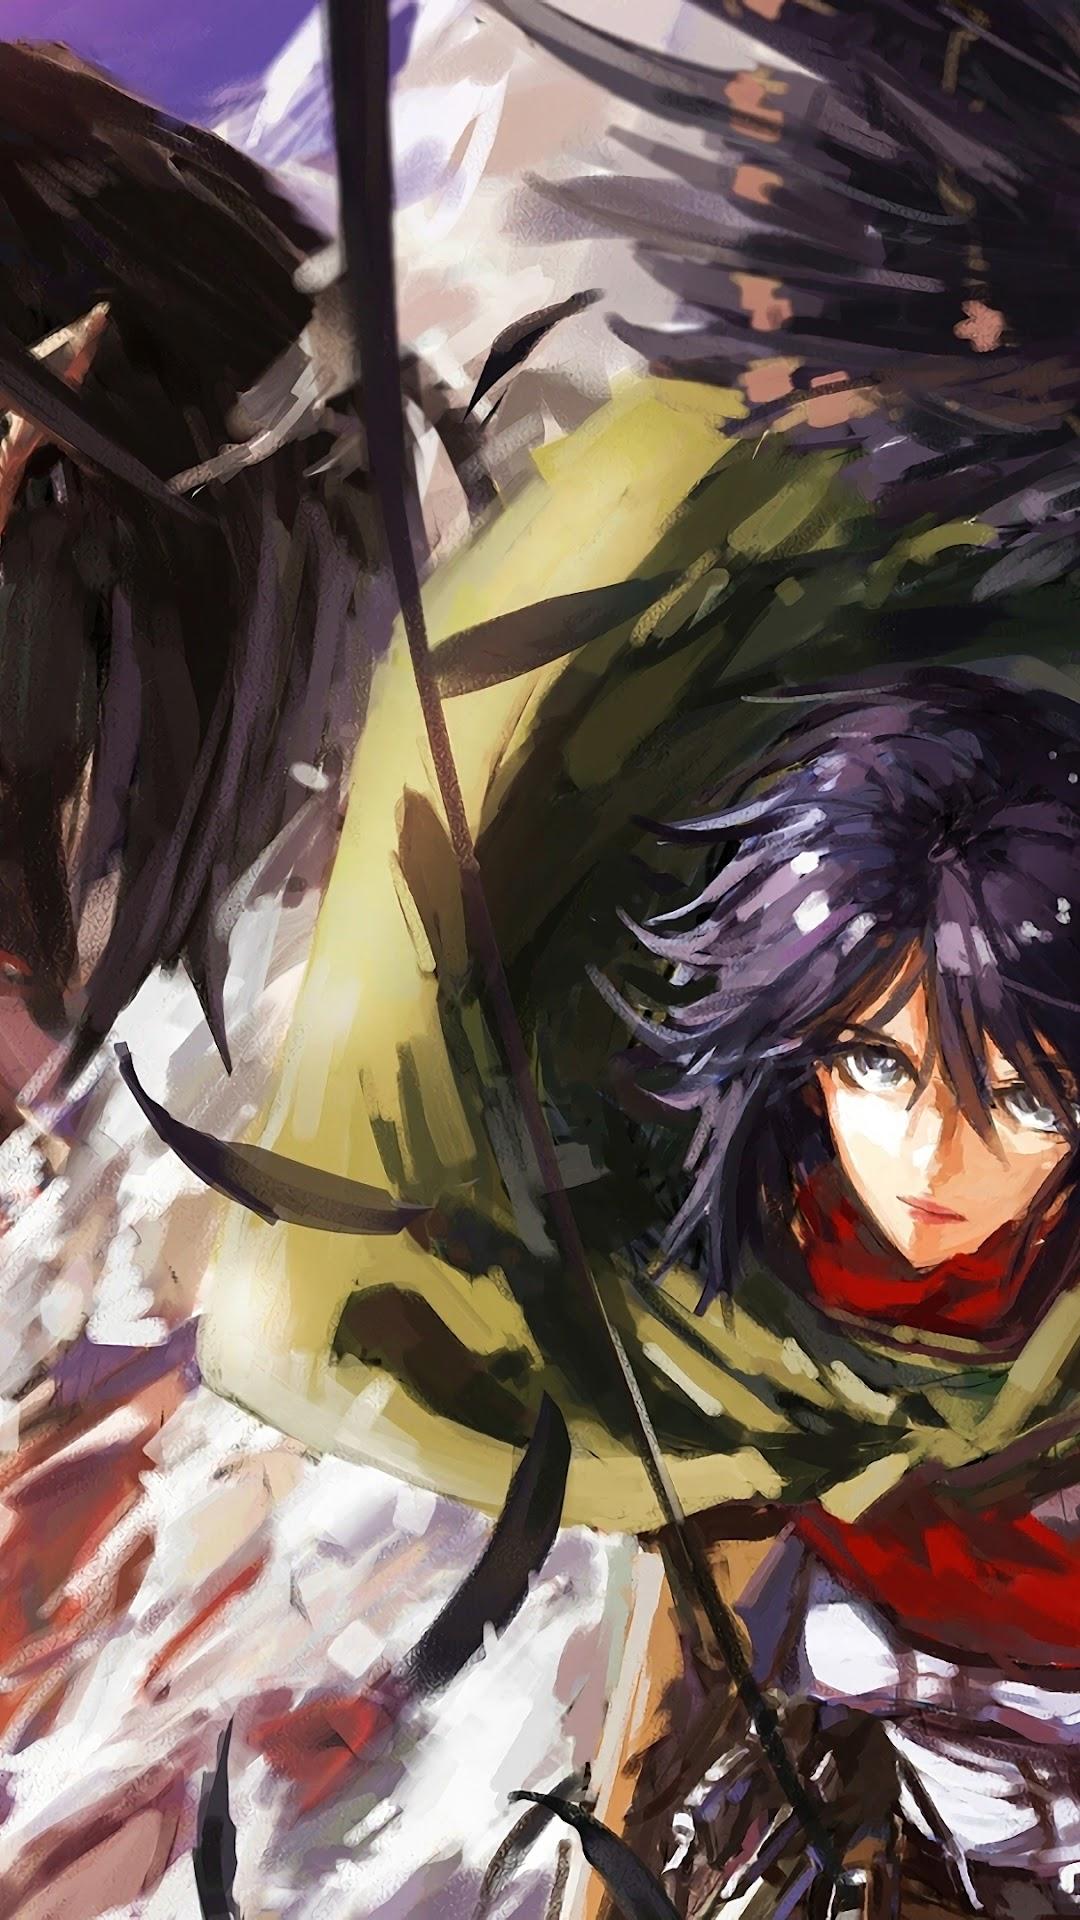 Mikasa Attack Titan Attack On Titan 4k Wallpaper 48